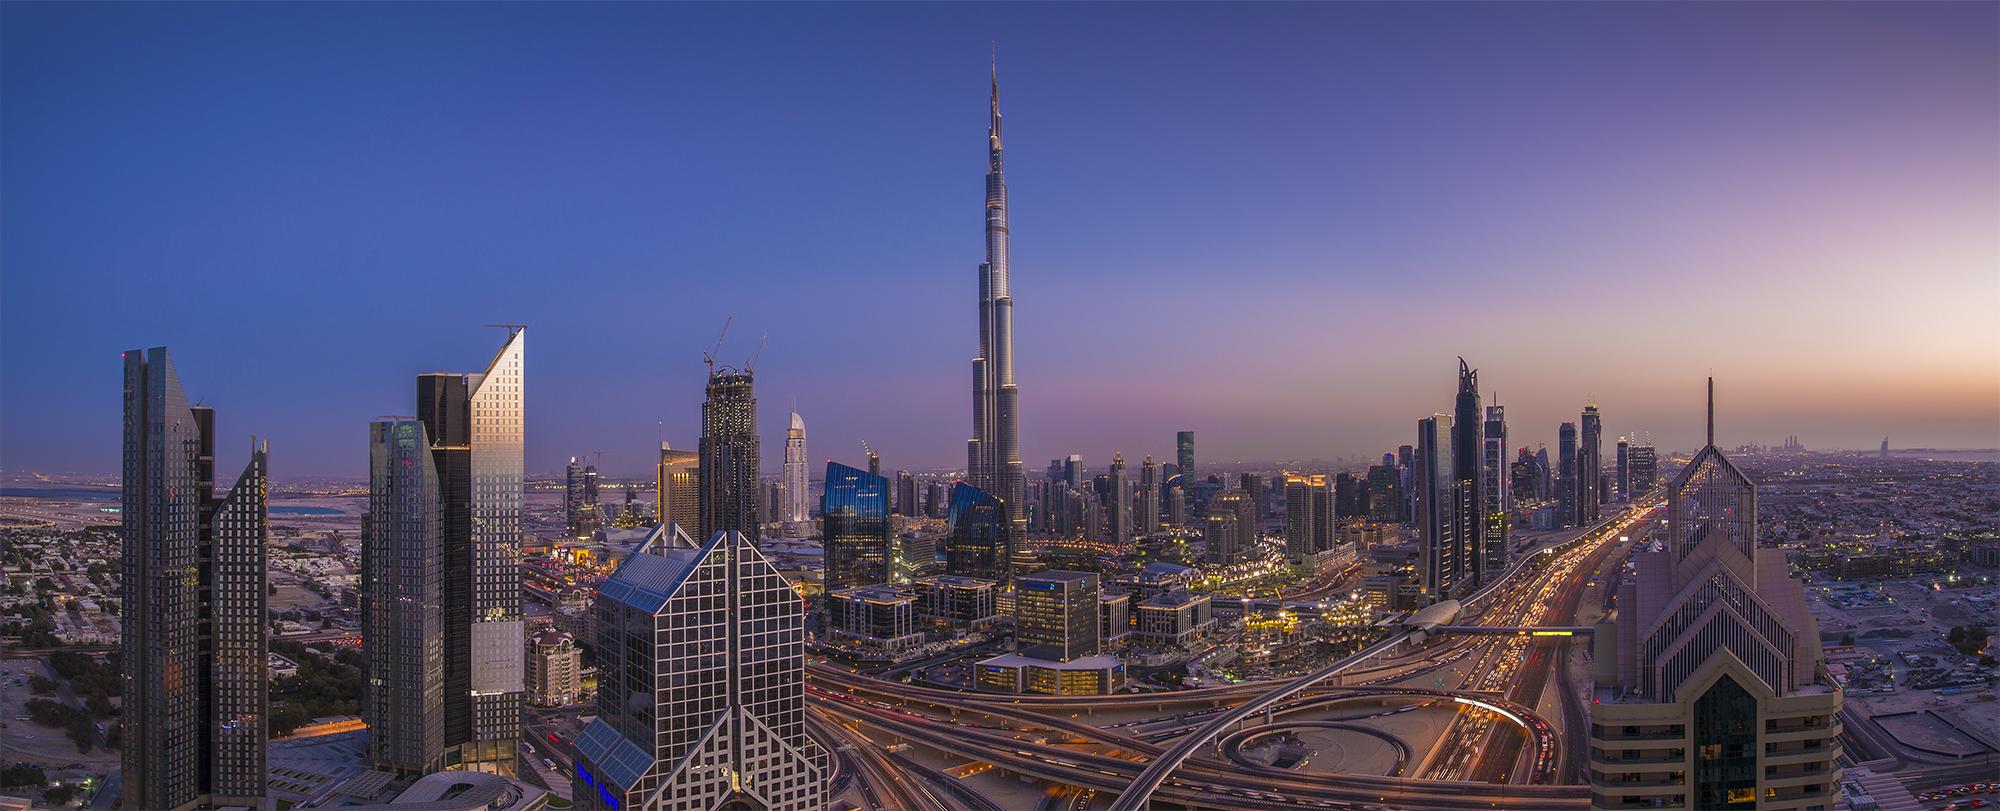 Burj Khalifa at Dusk